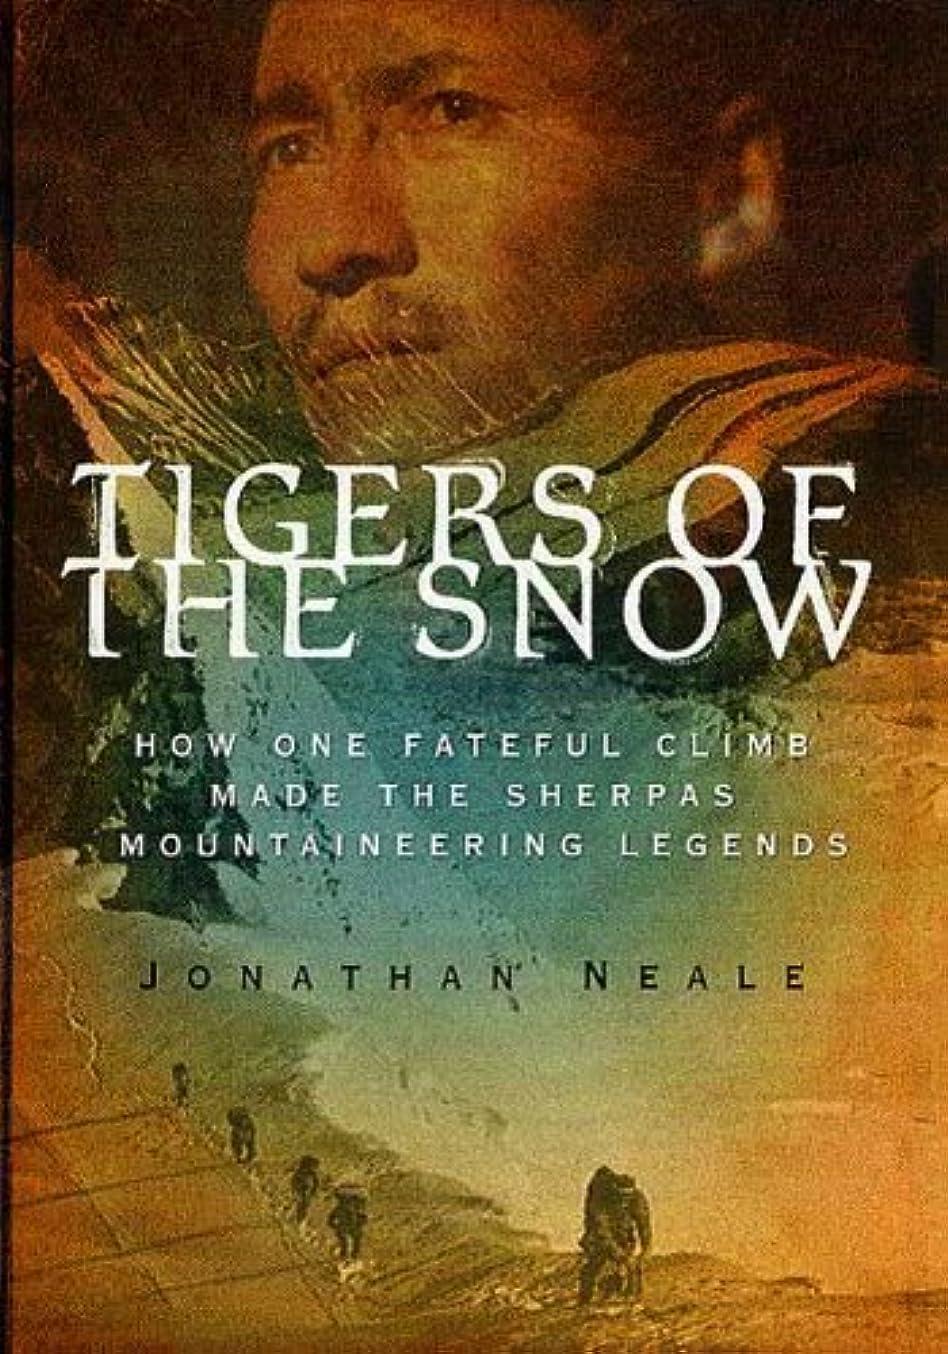 競争失敗エトナ山Tigers of the Snow: How One Fateful Climb Made The Sherpas Mountaineering Legends (English Edition)